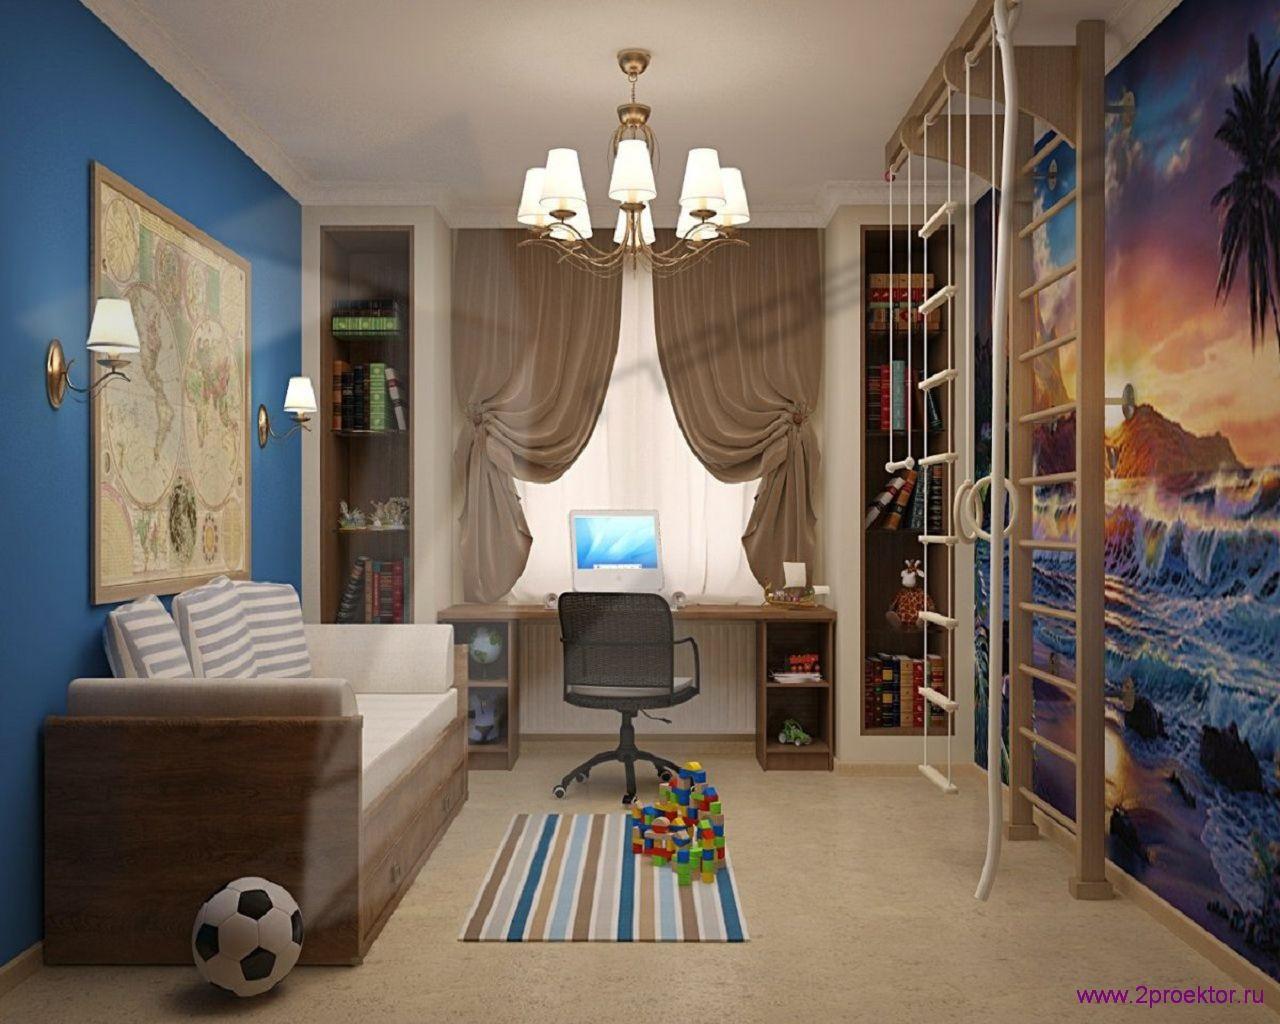 Дизайн комнаты для мальчика в Жилом комплексе Миракс парк.